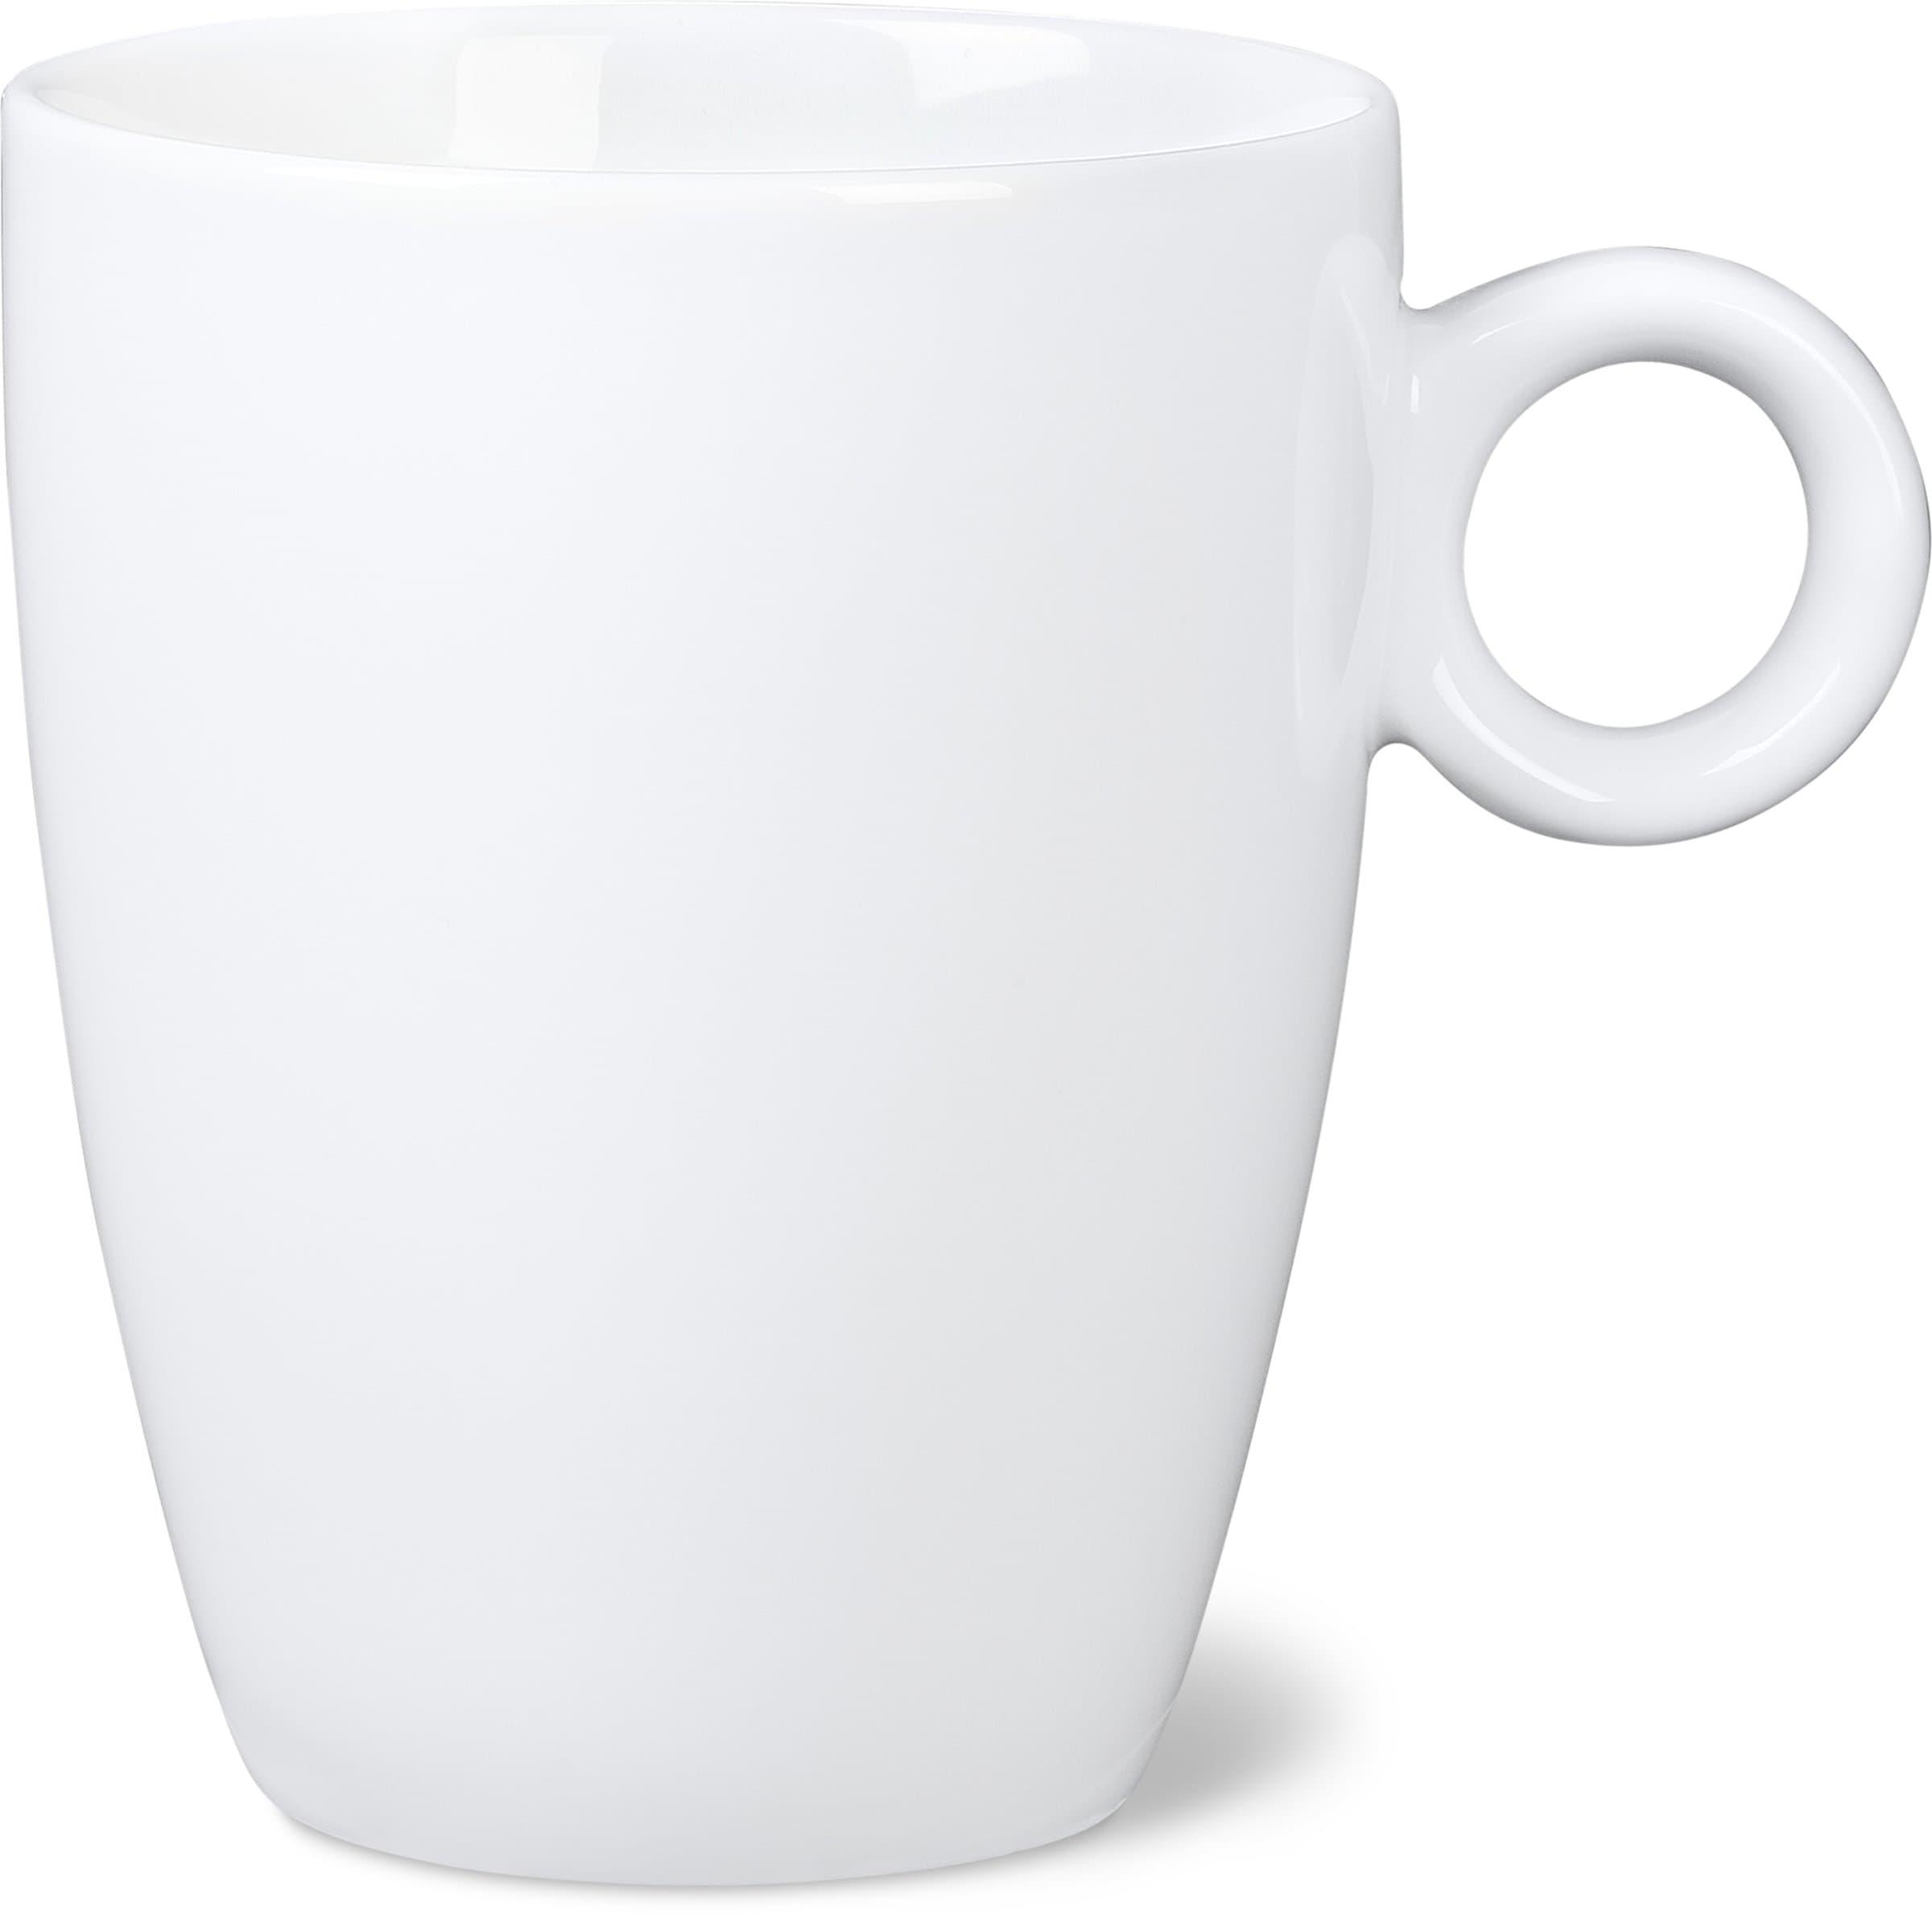 Cucina & Tavola Tasse à café 210ml